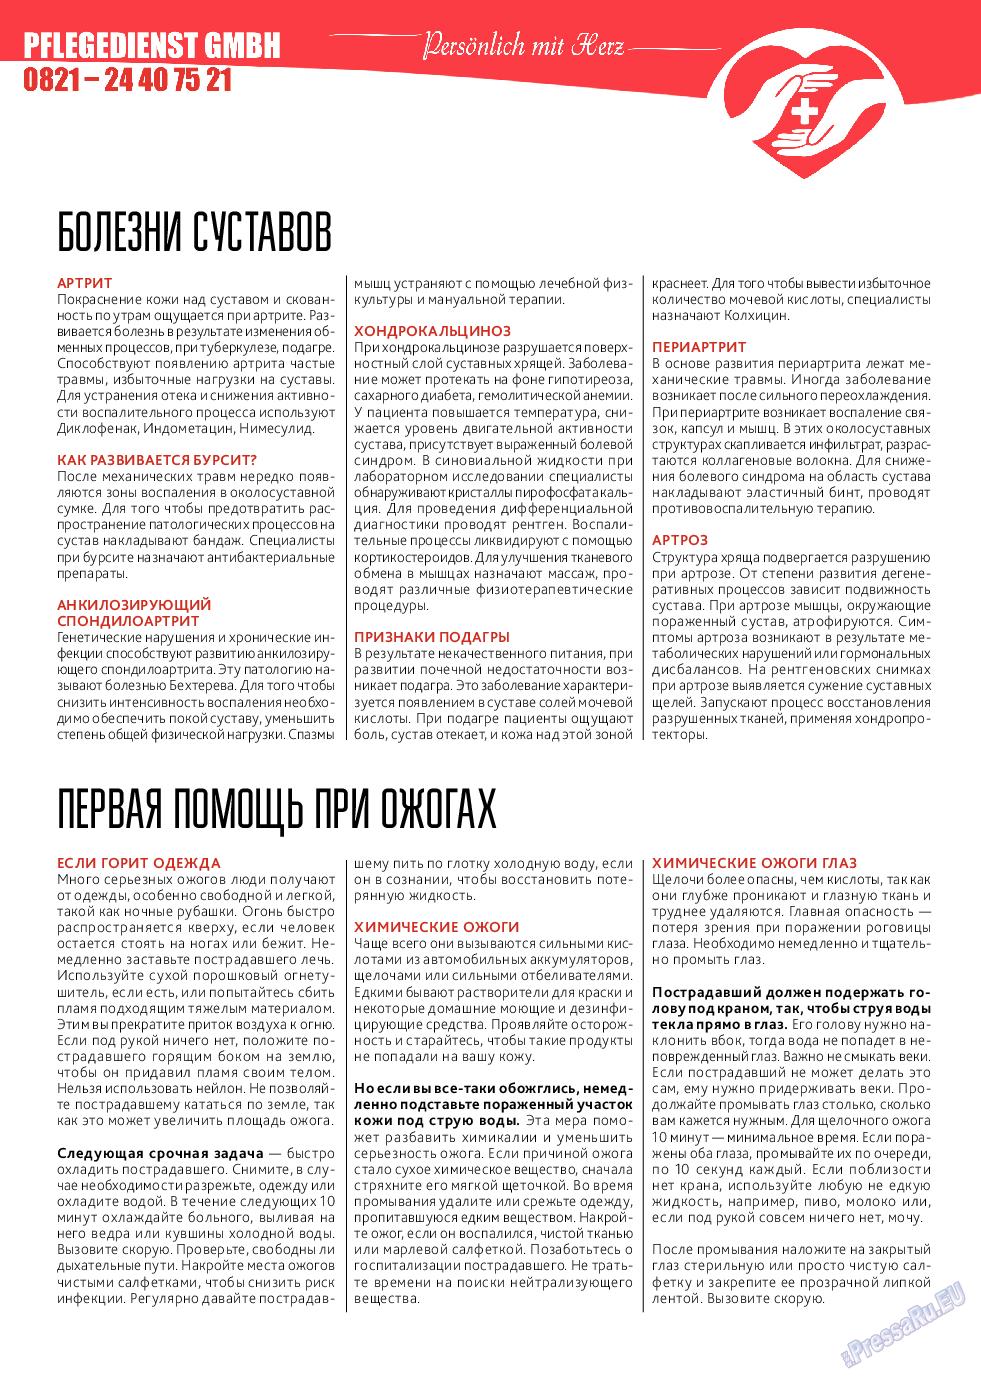 Афиша Augsburg (журнал). 2019 год, номер 9, стр. 11